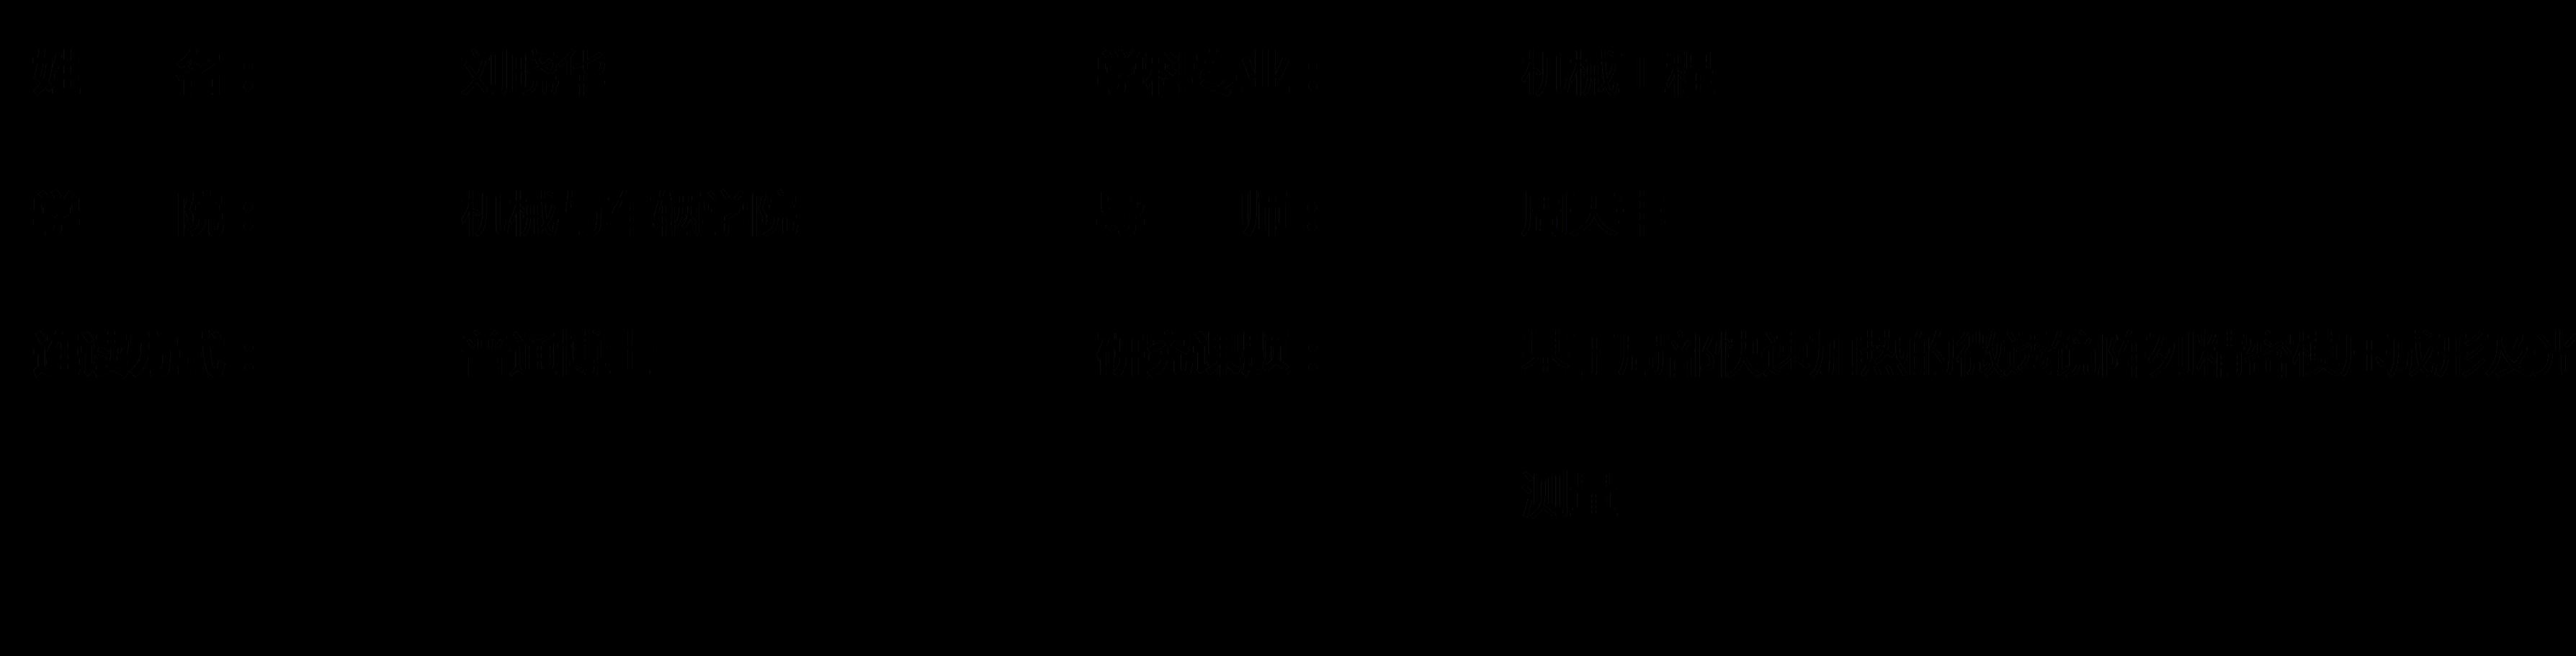 【优博育苗展】北理工机械与车辆学院刘晓华博士荣获:2018年度博士育苗基金